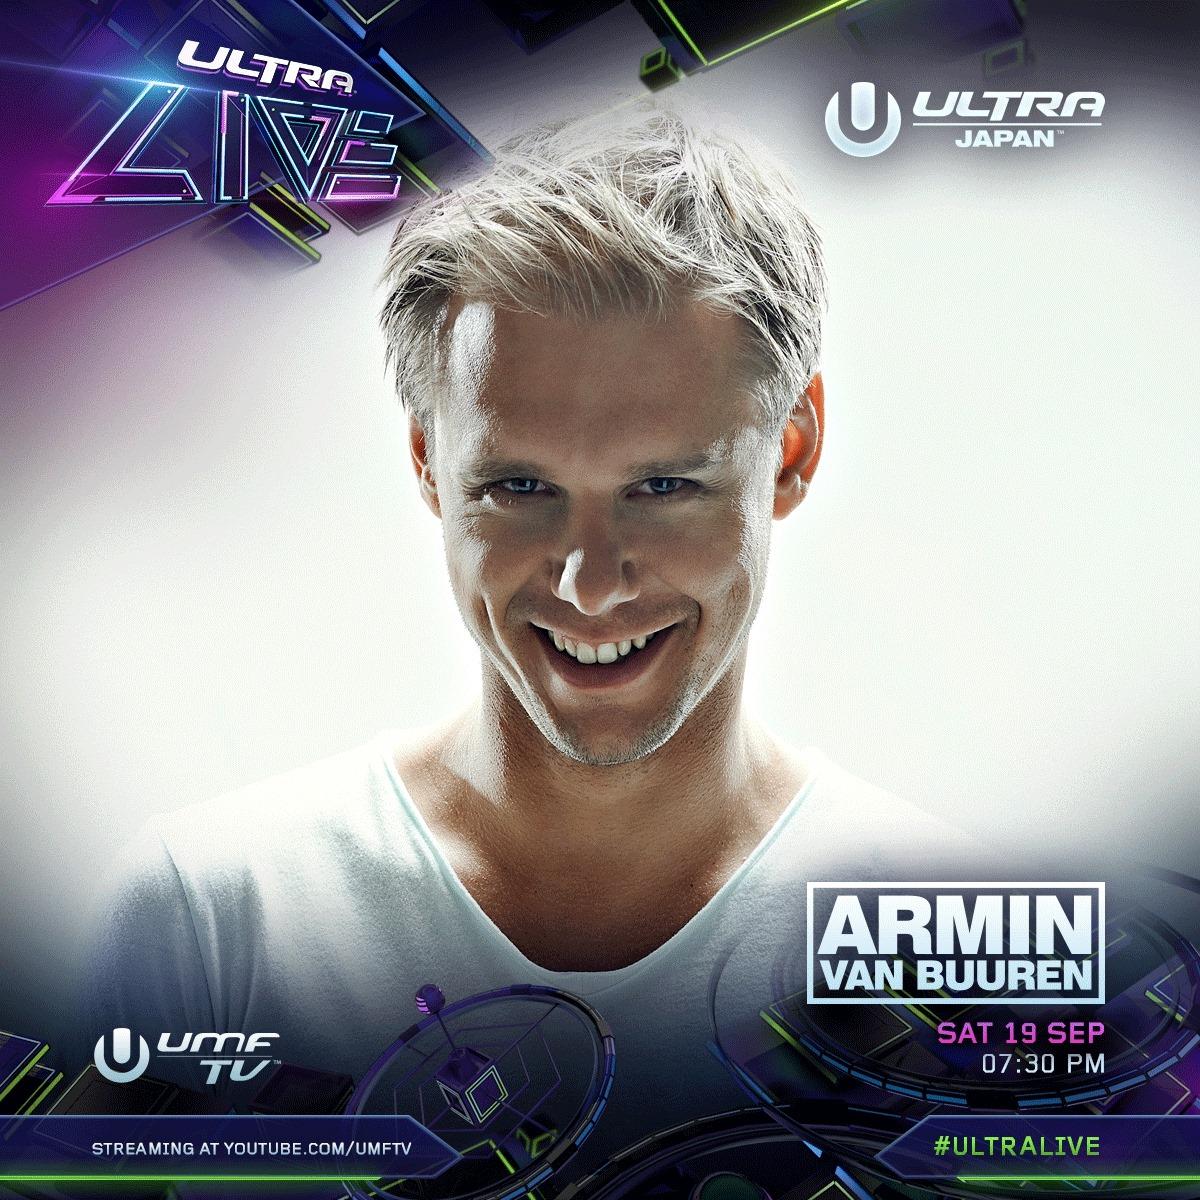 ULTRA JAPAN 2015 Armin van Buuren